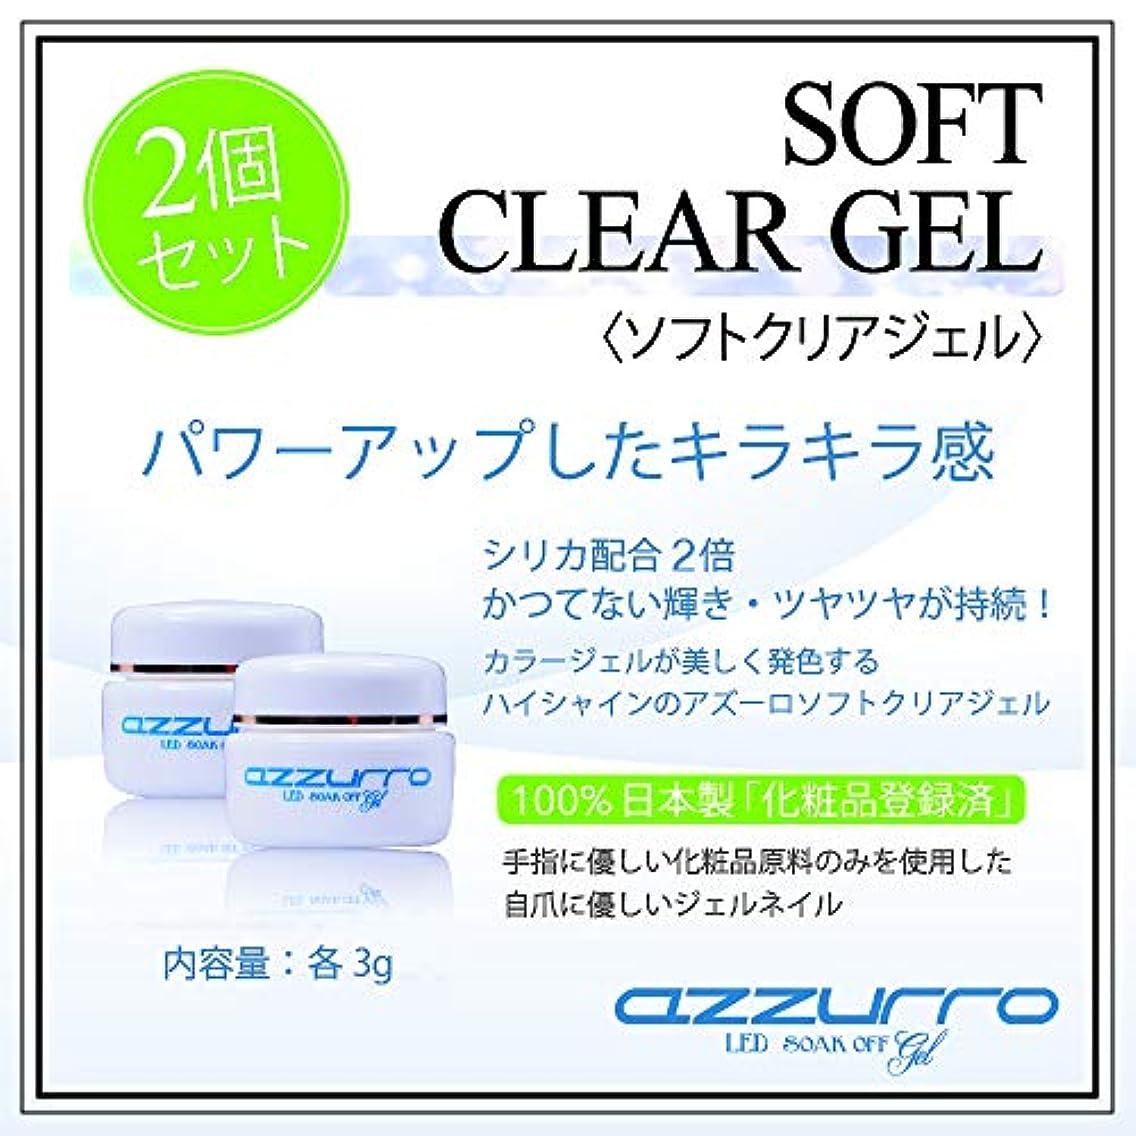 立場伴う効率的にazzurro gel アッズーロ ソフトクリアージェル お得な2個セット ツヤツヤ キラキラ感持続 抜群のツヤ 爪に優しい日本製 3g